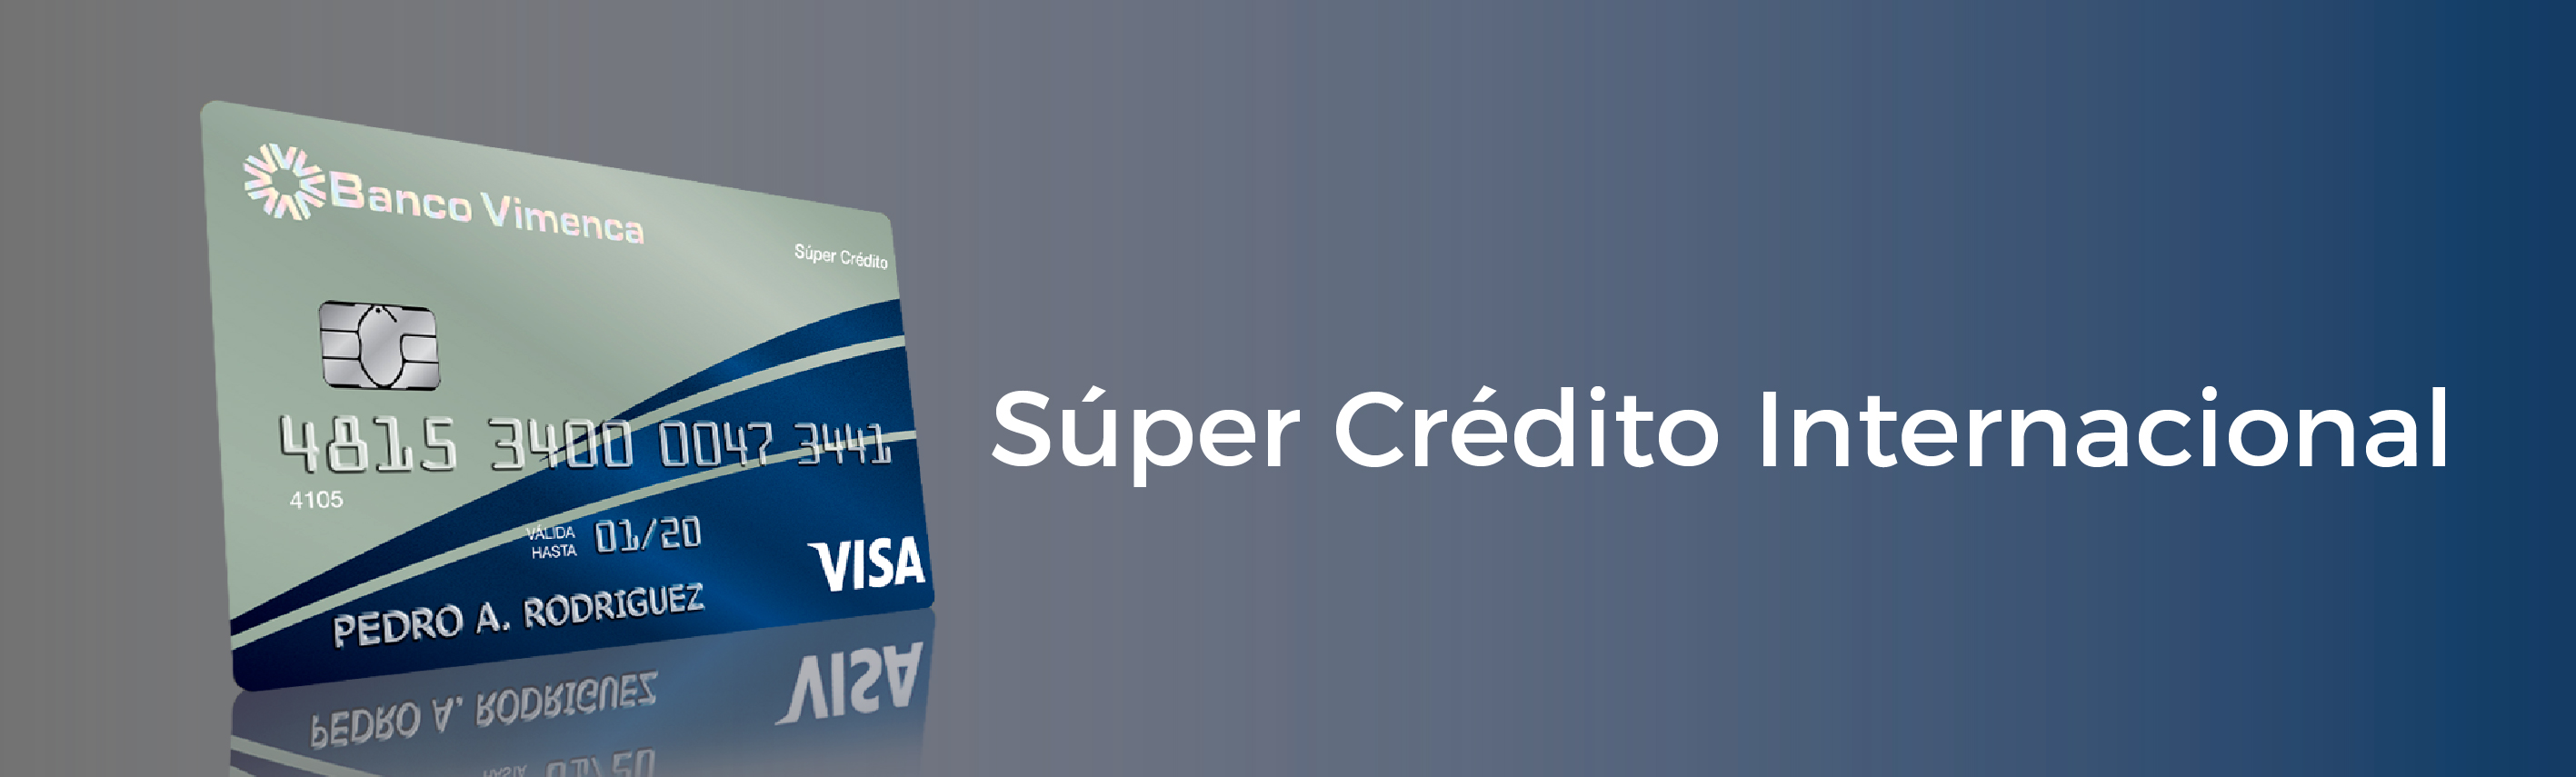 Tarjeta Visa Súper Crédito Internacional